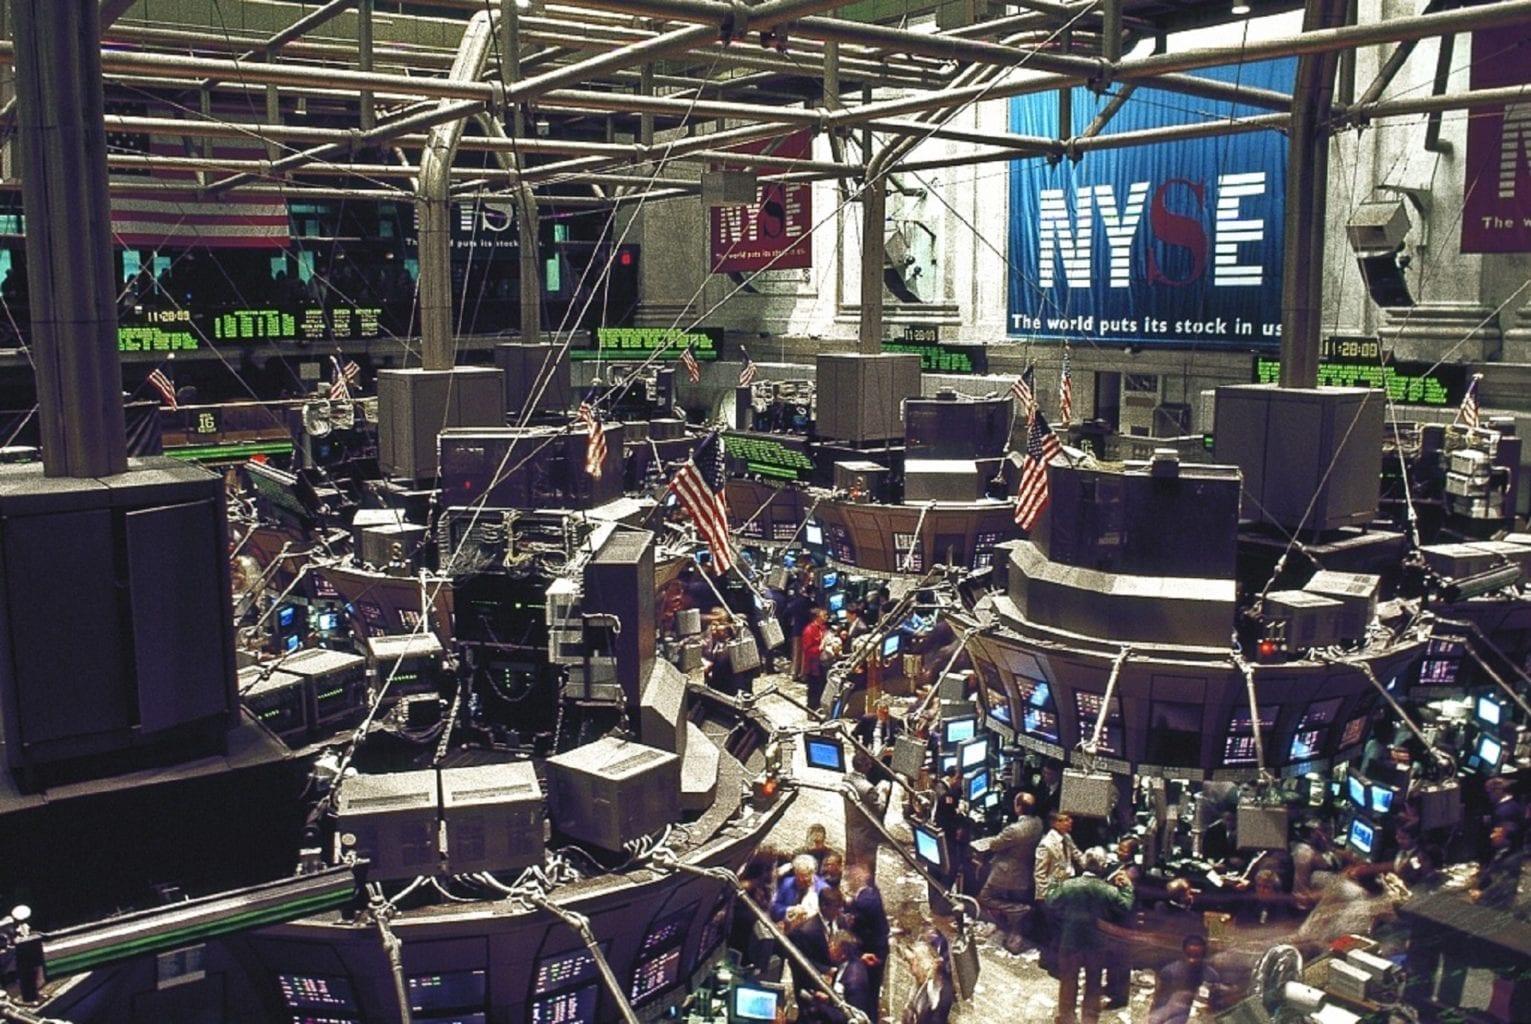 Entenda como funciona a NYSE, a bolsa de valores de Nova York